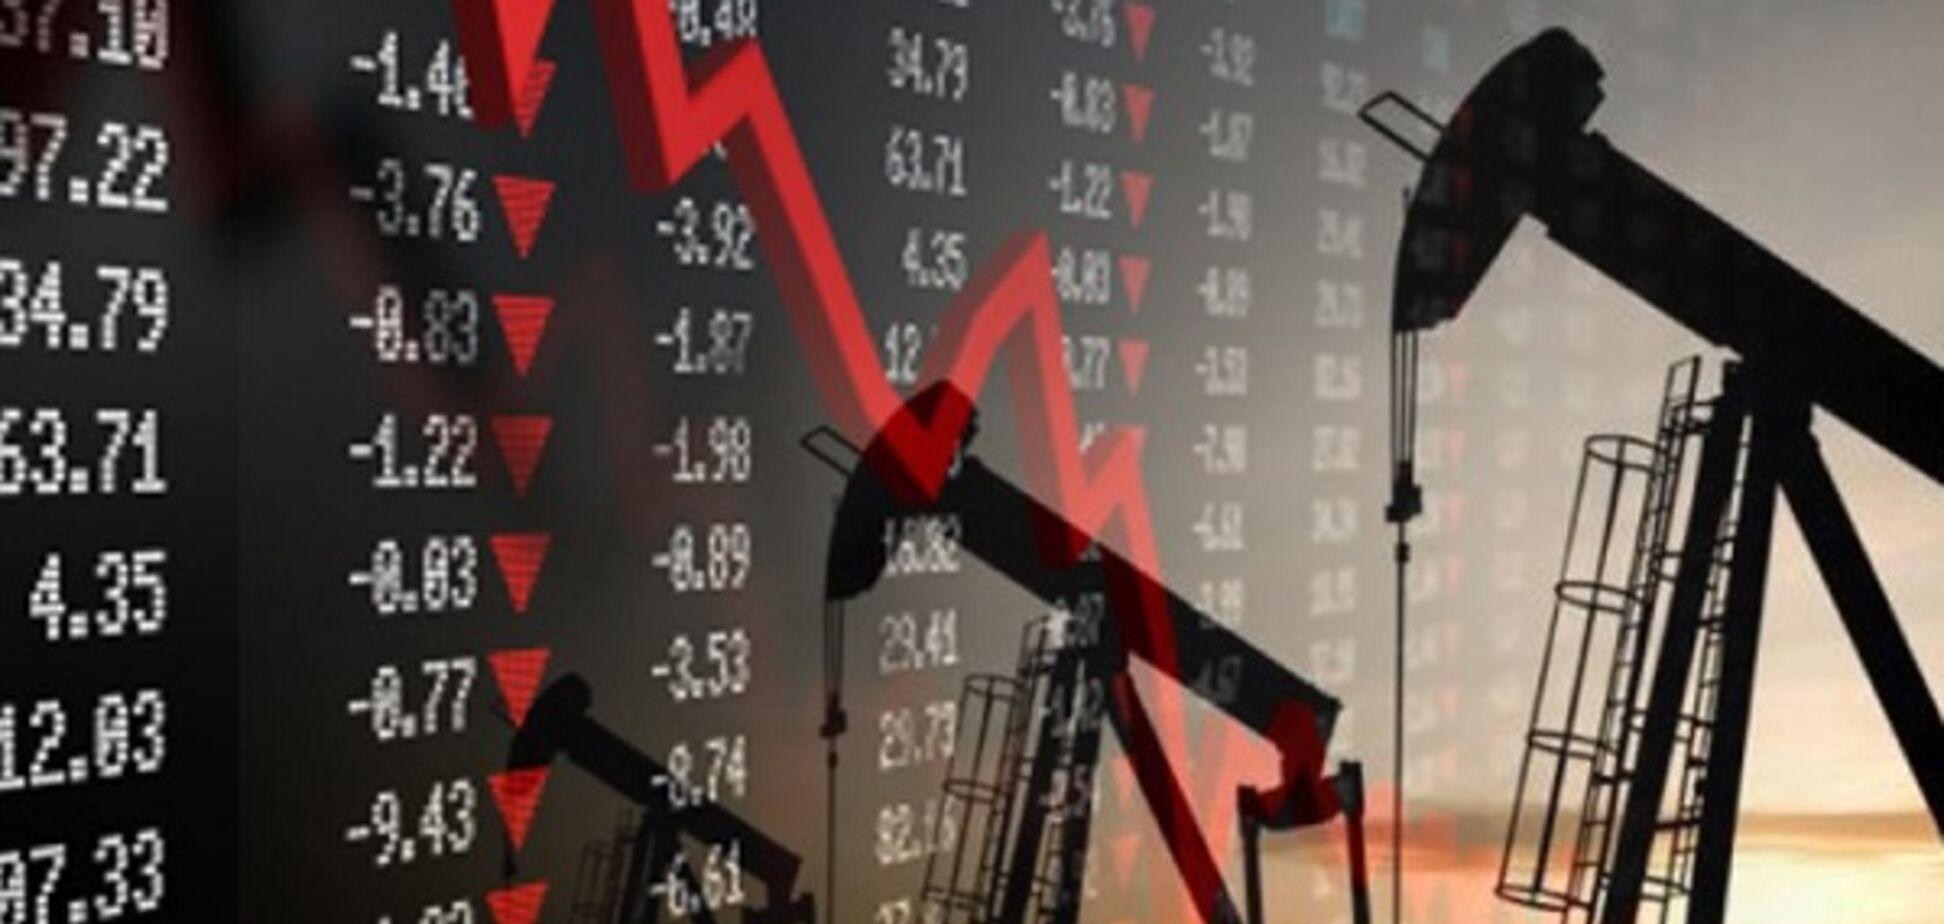 Цены на нефть резко пошли вниз из-за коронавируса: что будет с экономикой России